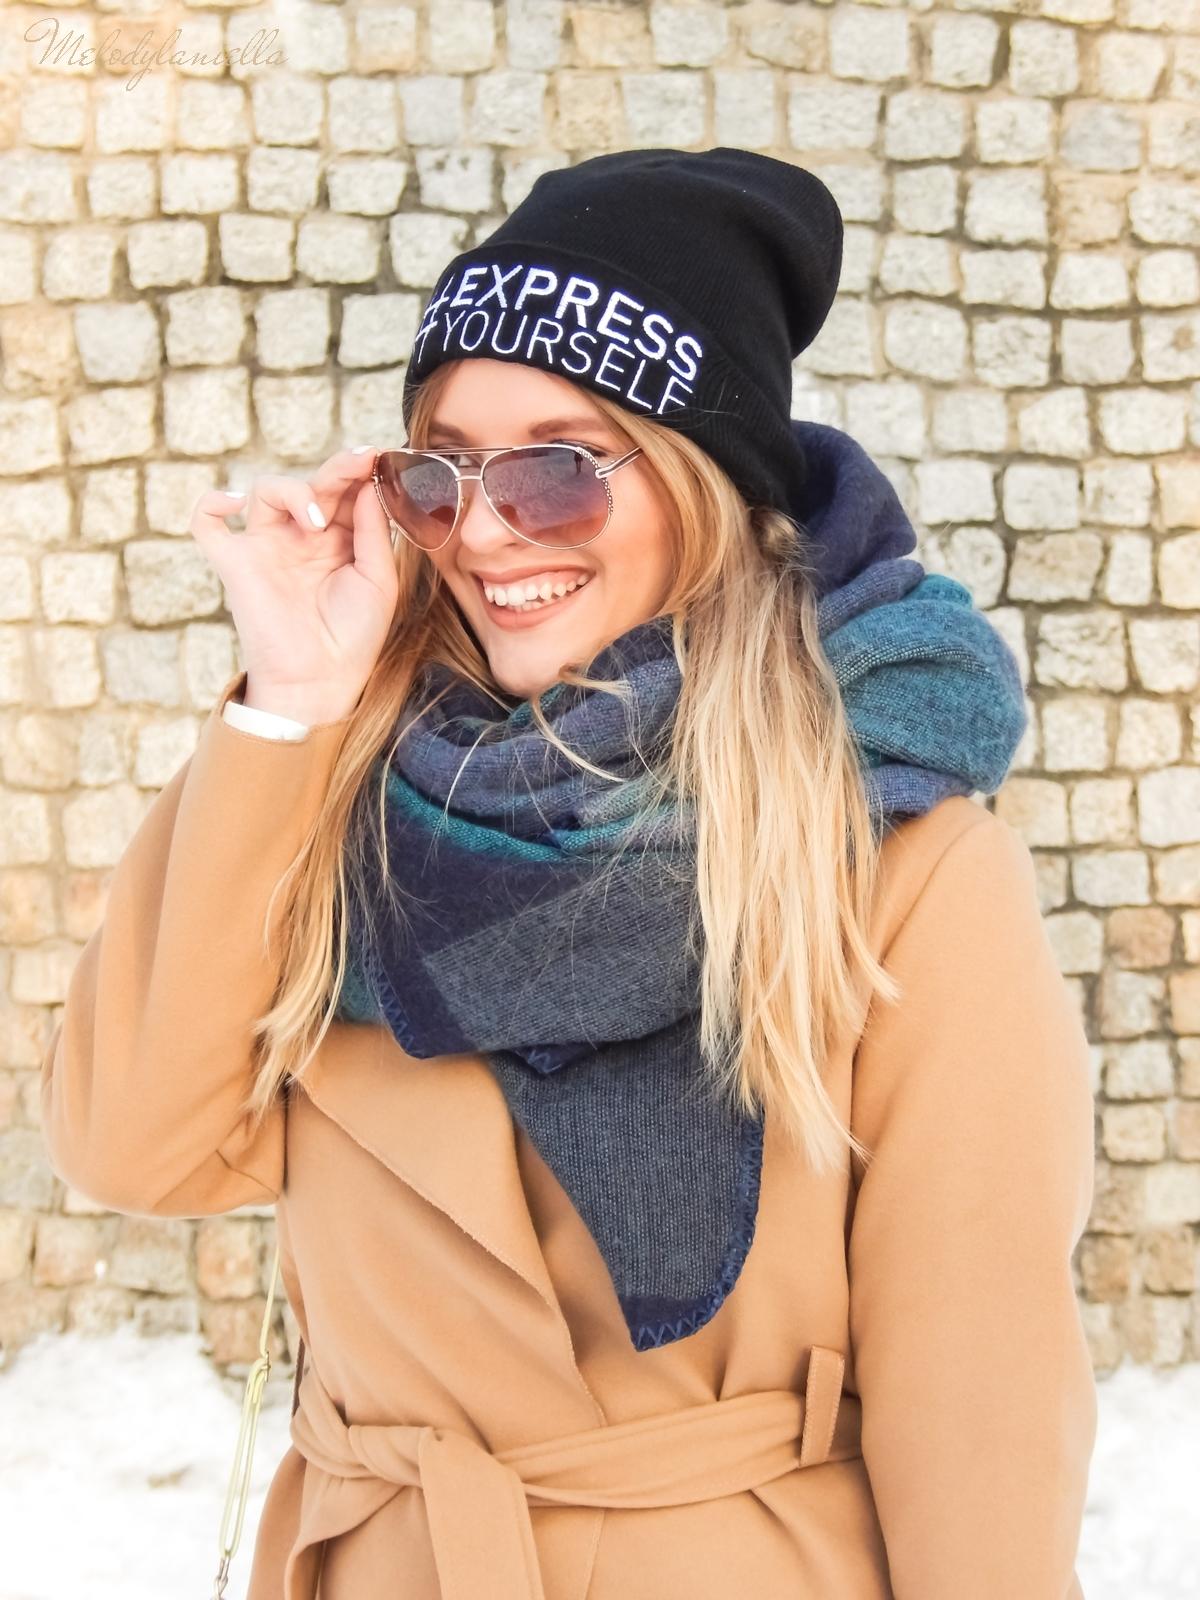 4 melodylaniella wełniany piaskowy beżowy karmelowy wielbłądzi płaszcz stylizacja na zimę białe dodatki torebka manzana trapery deichmann czepka bellissima duży szal okulary polskie blogerki